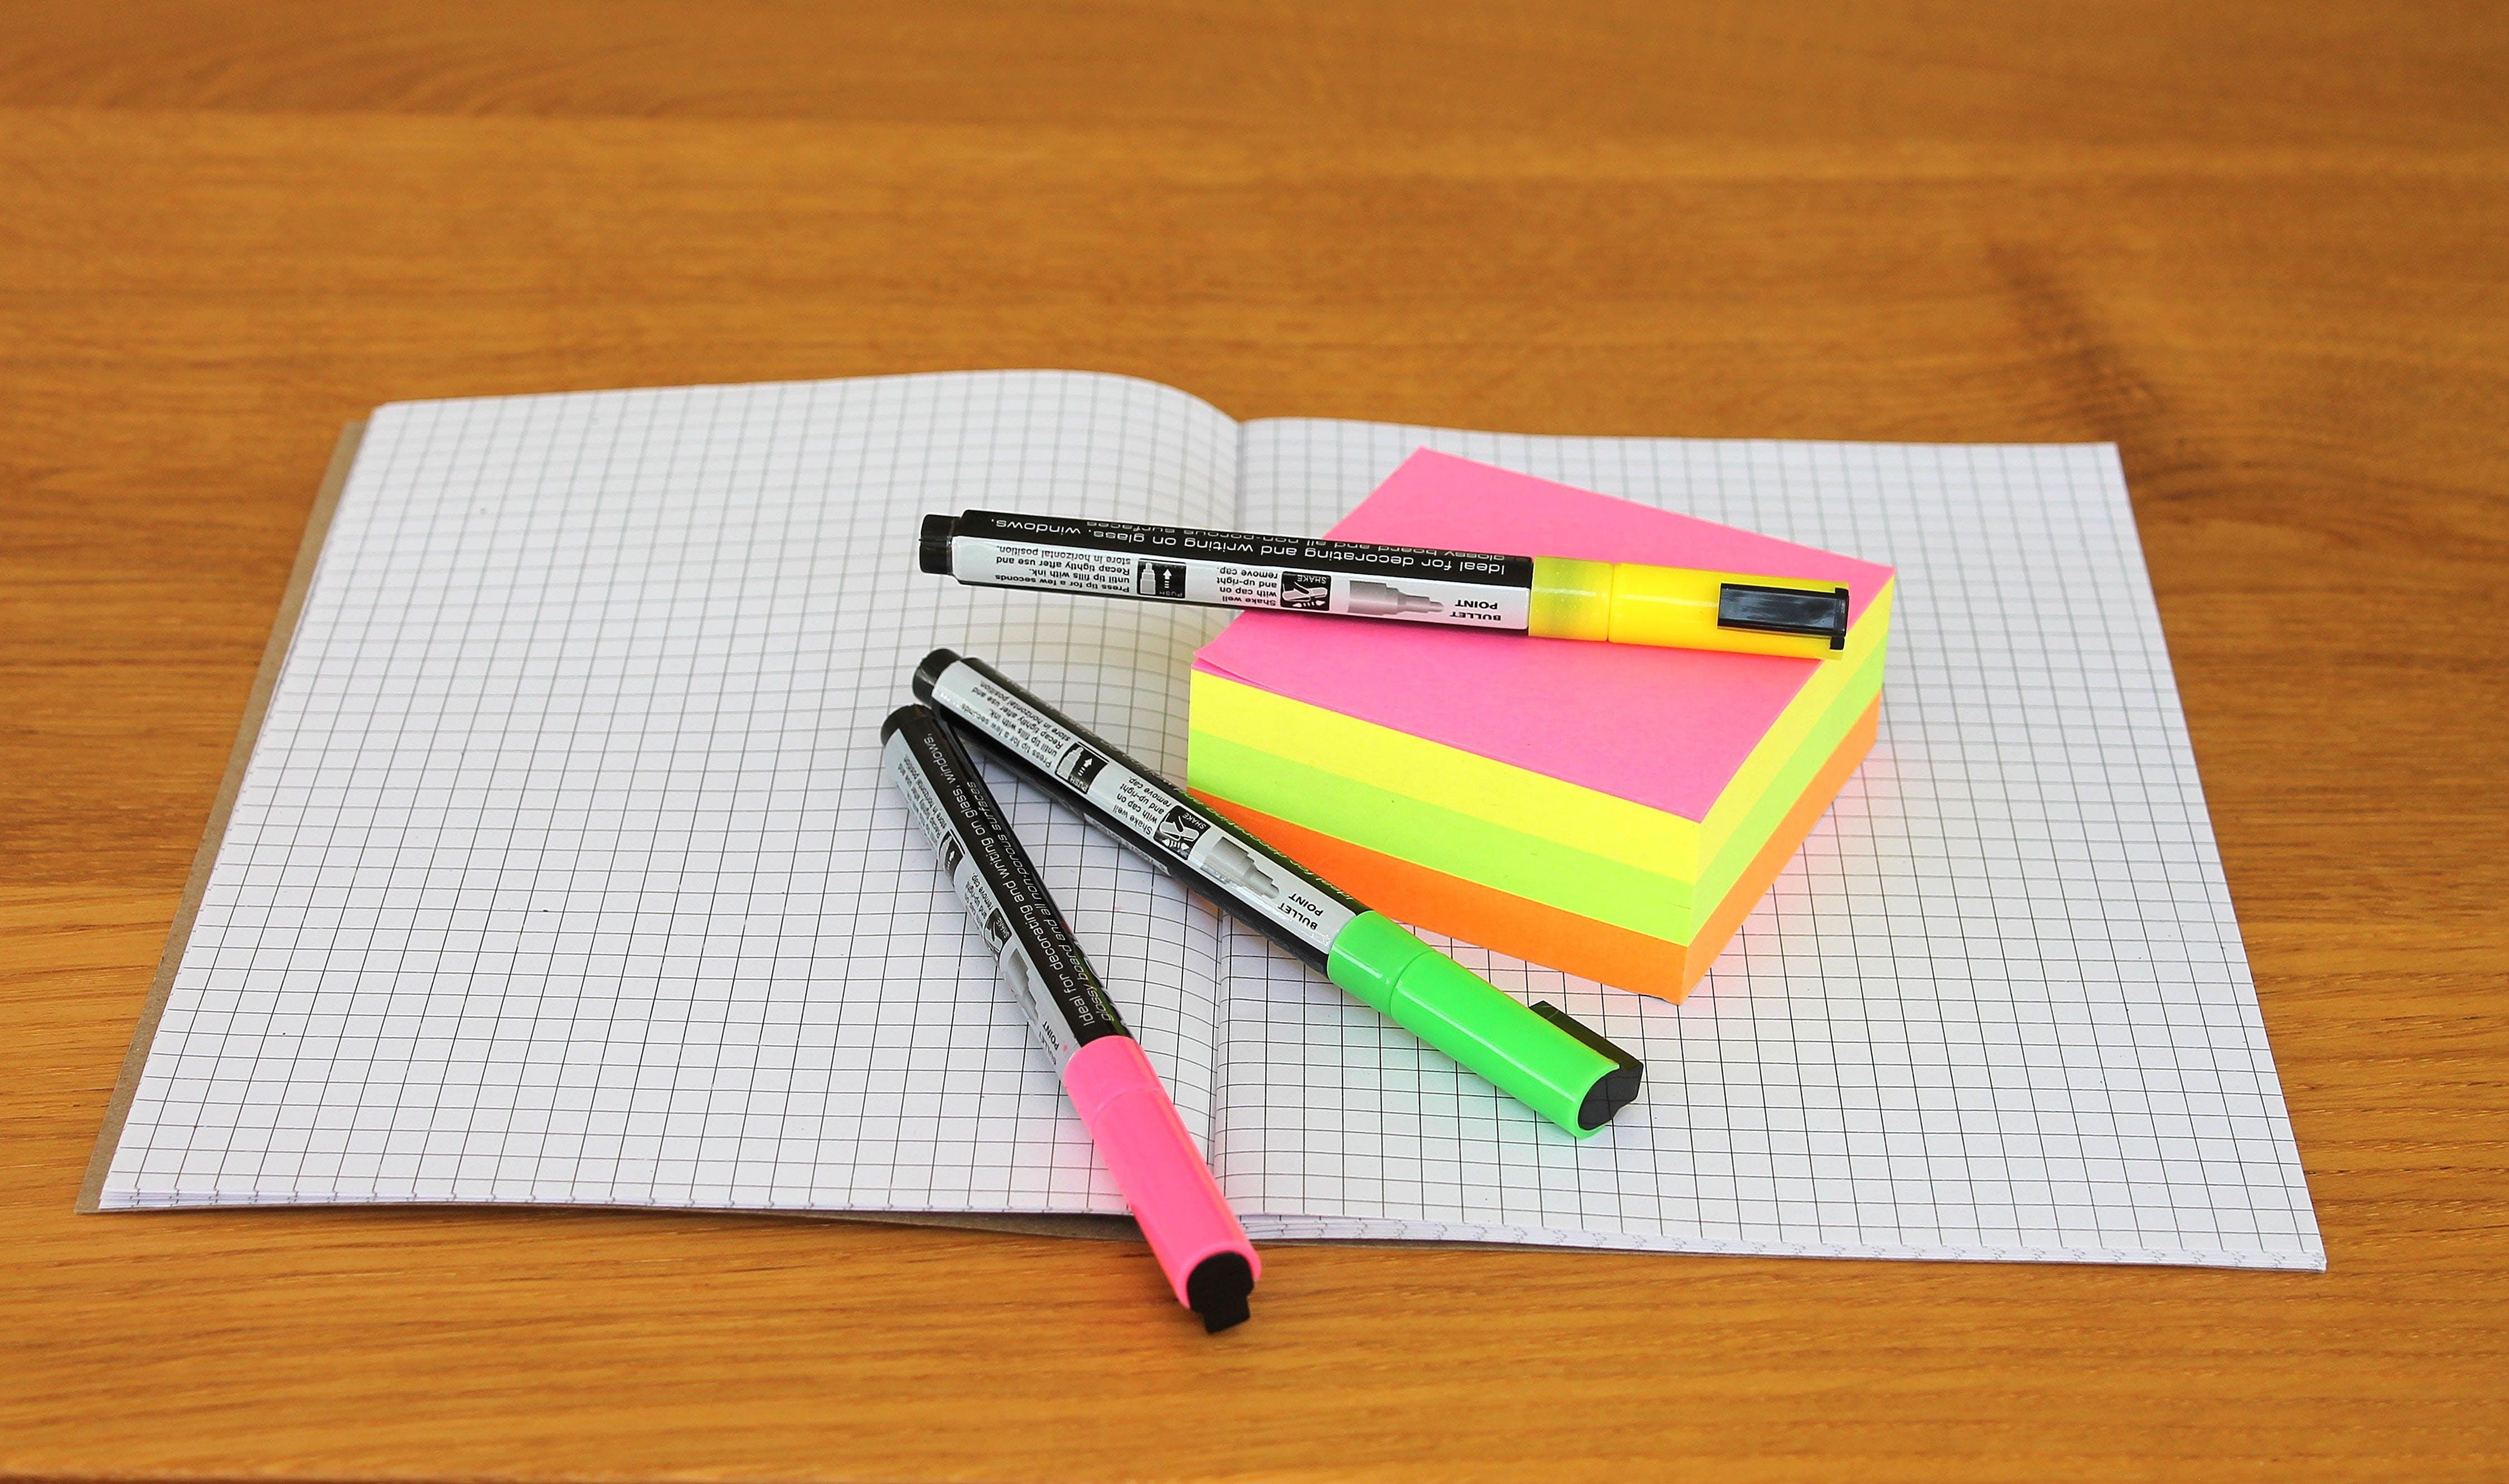 bolígrafs, bolis, llibreta